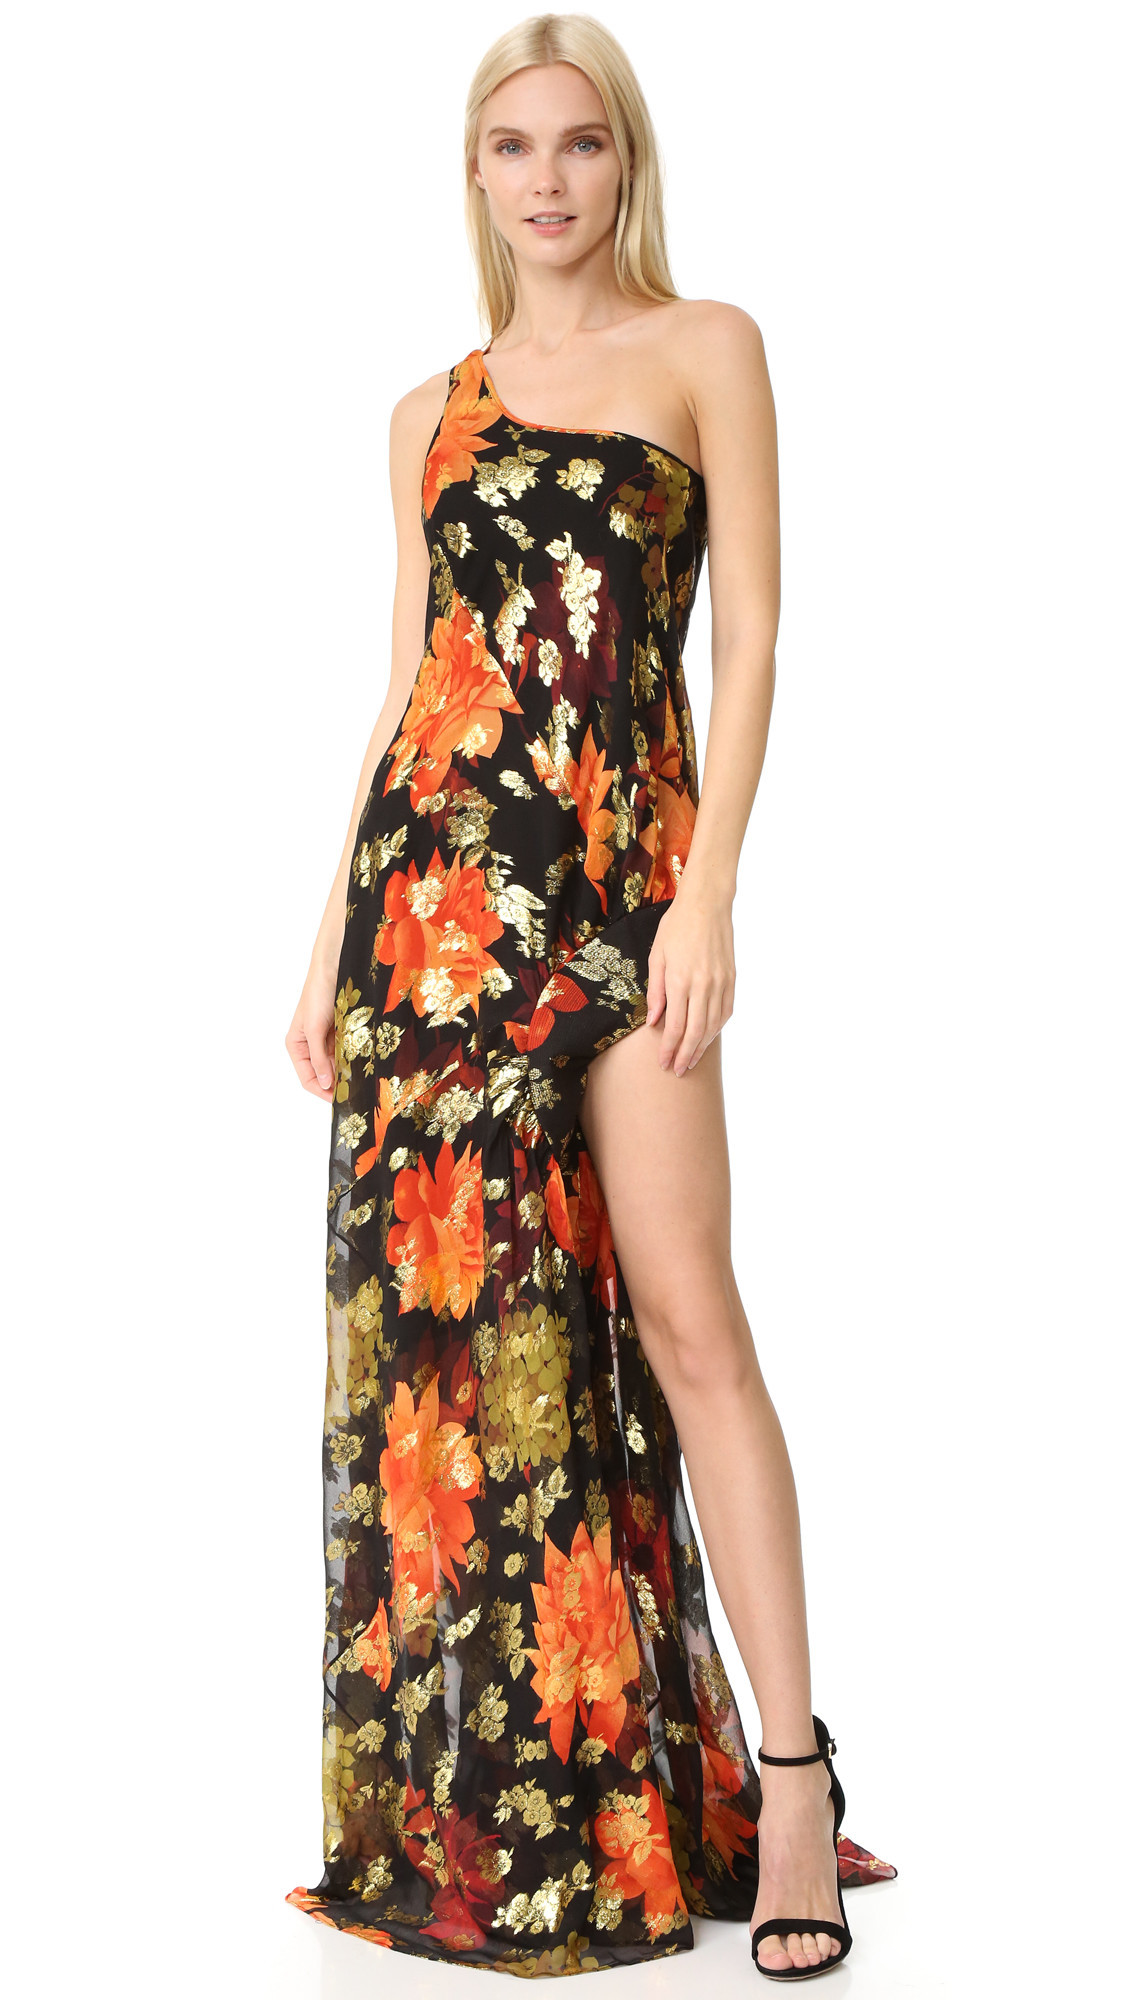 Haney Taylor One Shoulder Dress - Black/Red/Gold Print